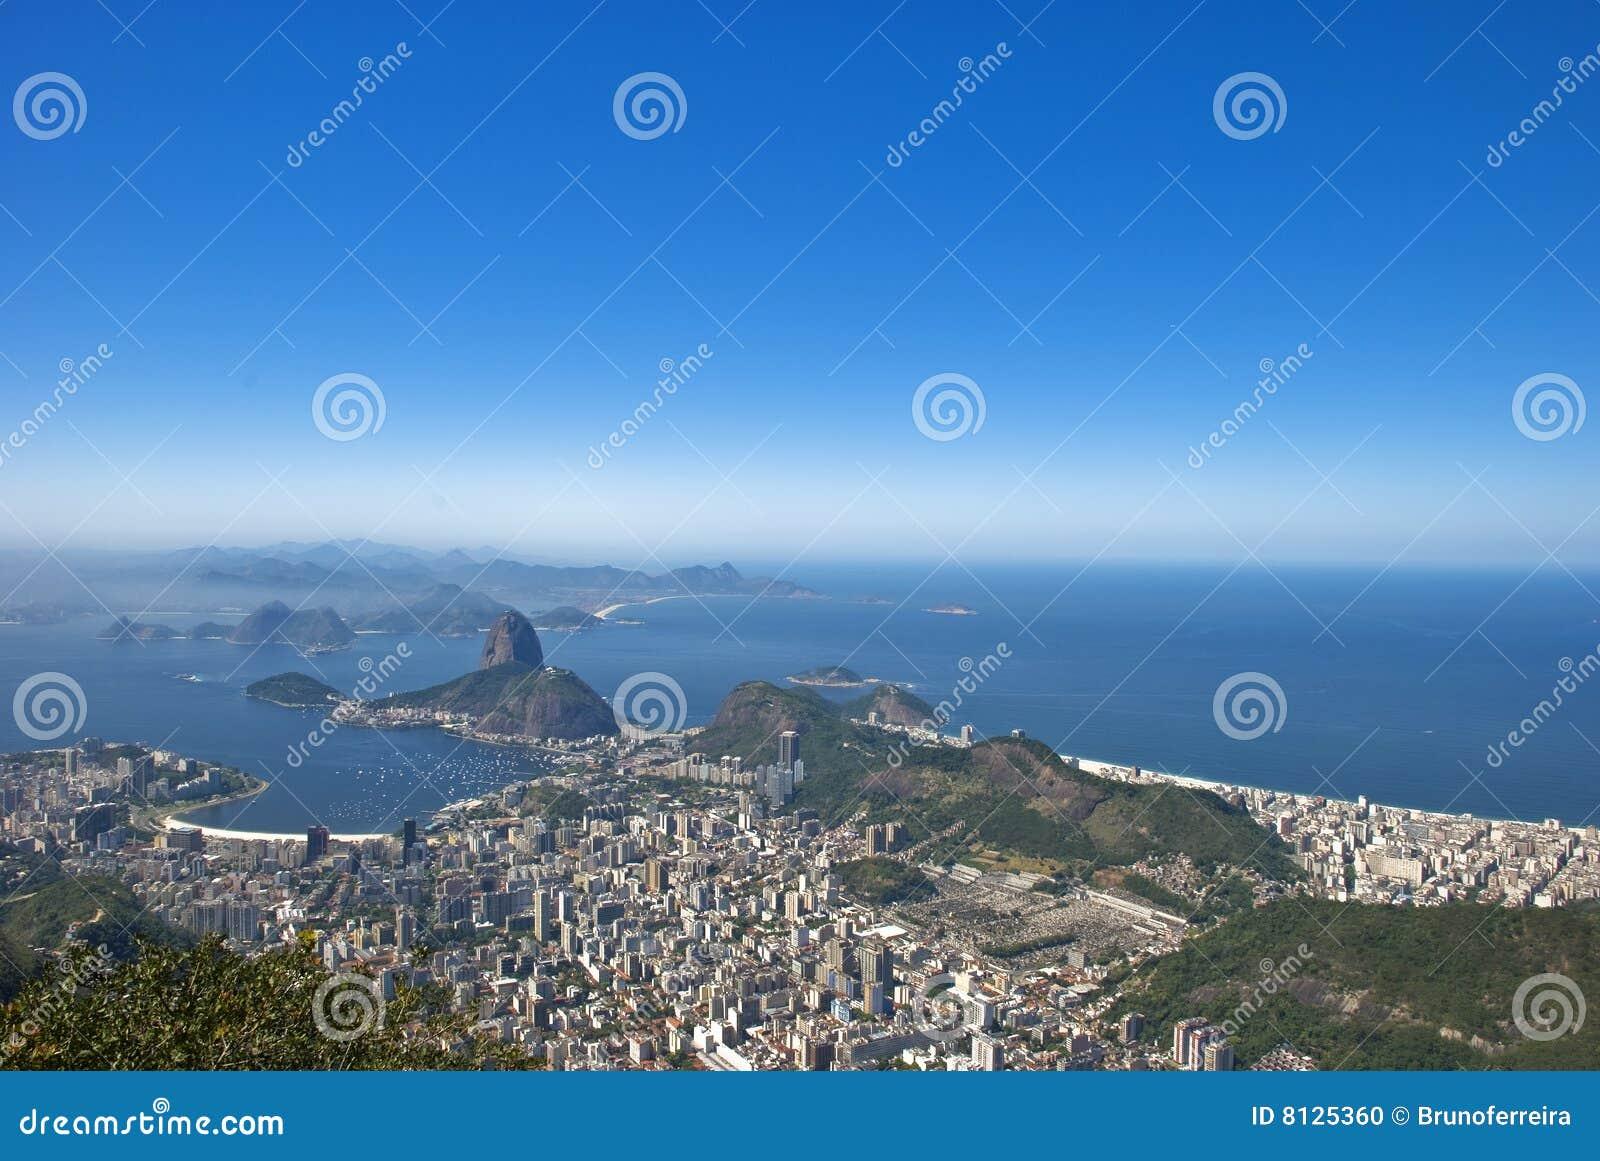 Janeiro rio de землеведения